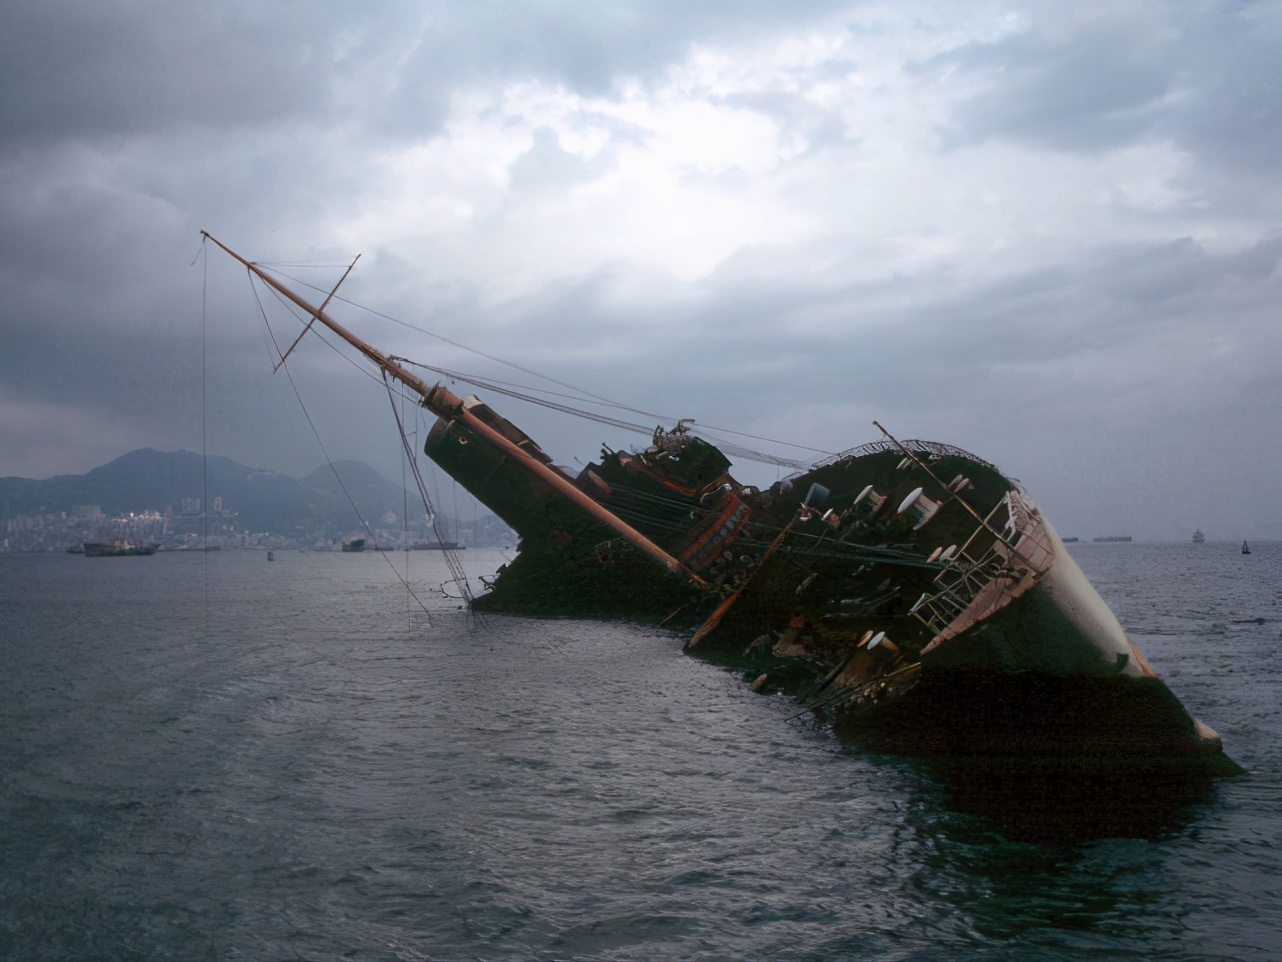 海洋为什么会出现方格子波浪?是自然现象,还是怪物来袭前兆?